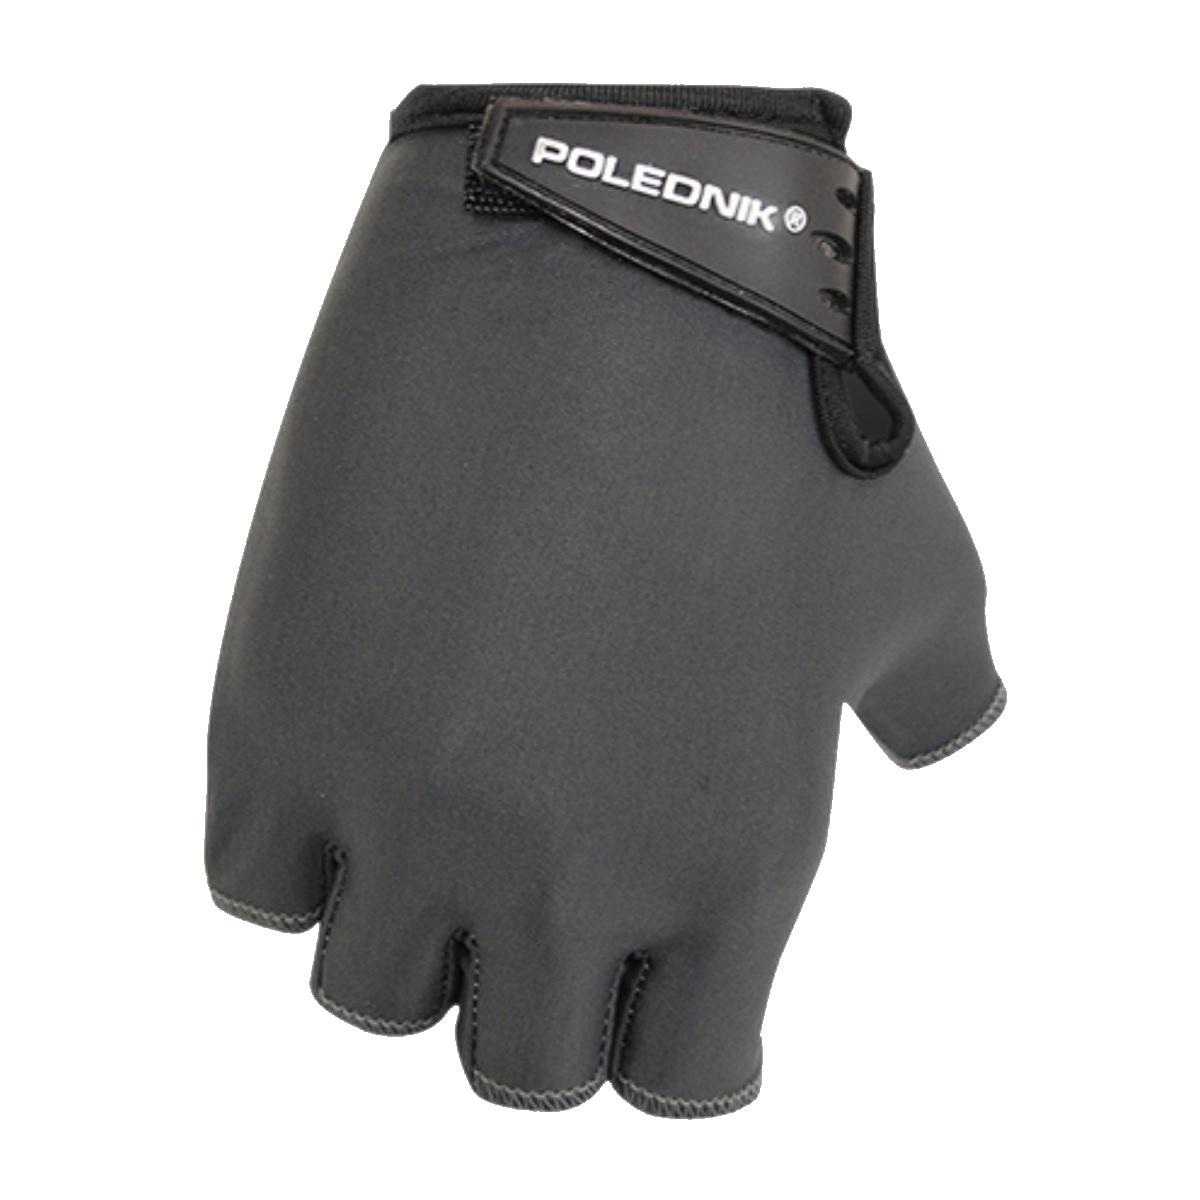 Cyklo rukavice POLEDNIK Basic dětské vel. 4 - černé